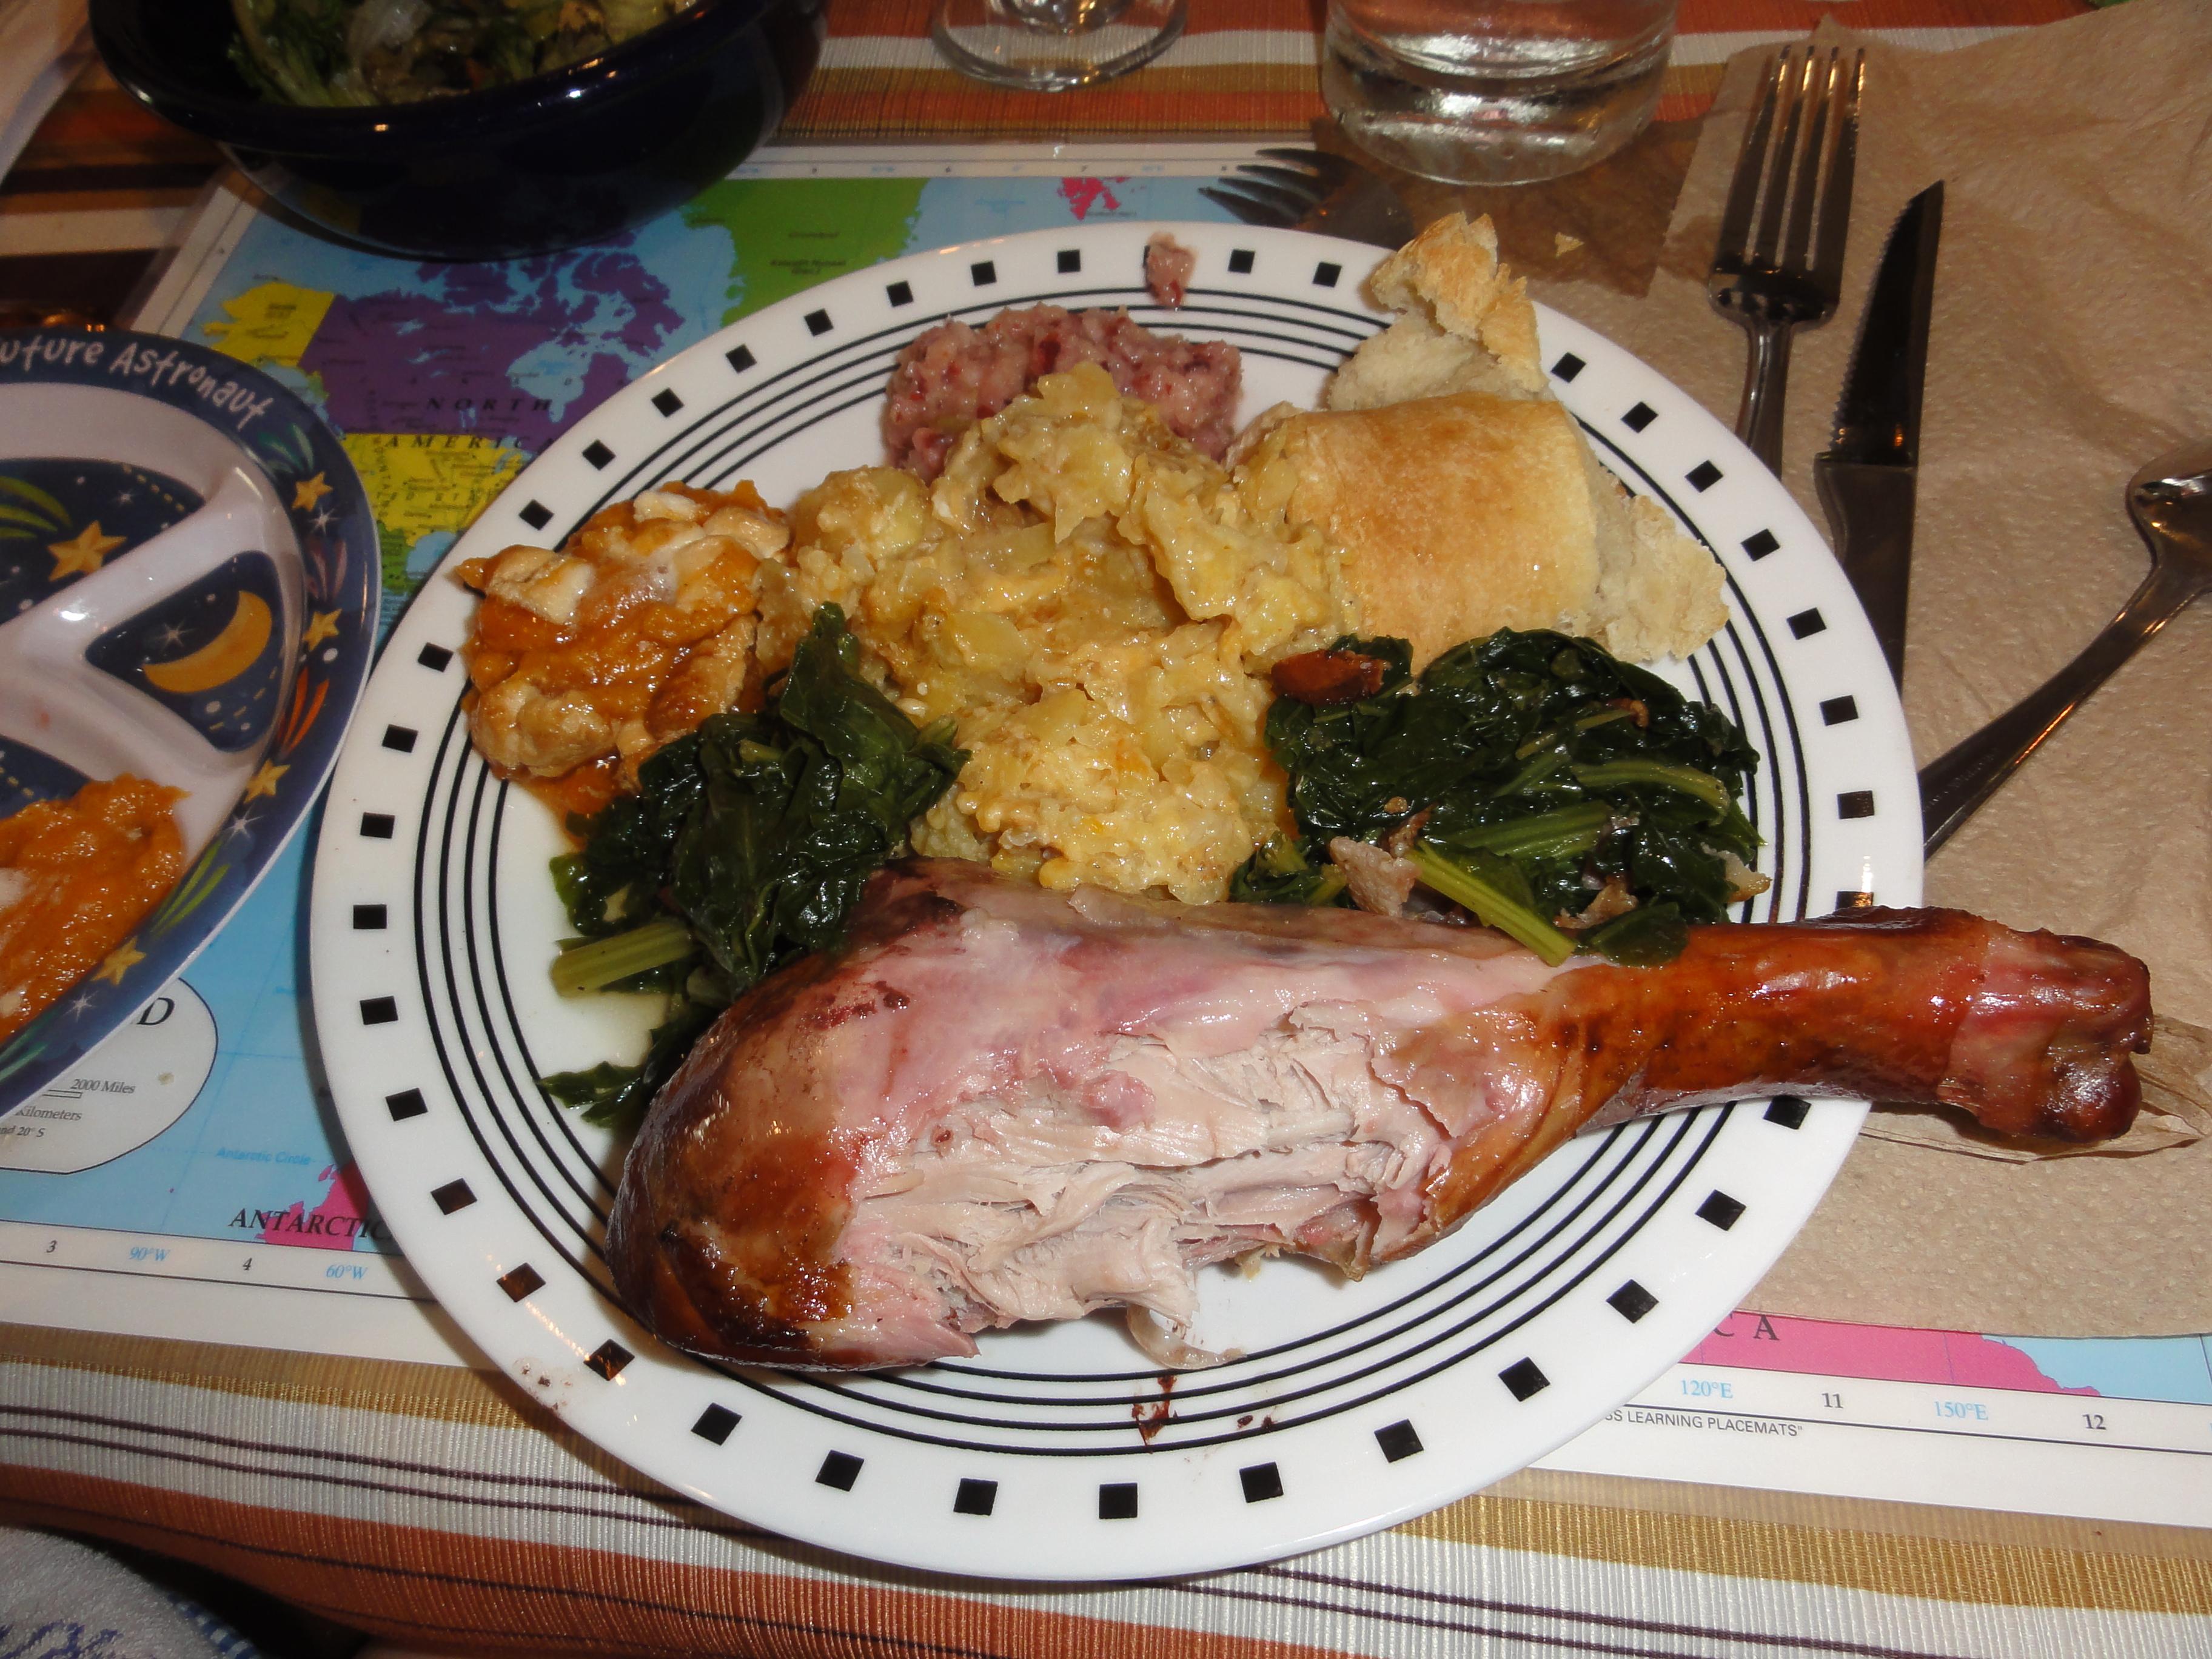 FileThanksgiving Plate New Orleans.jpg & File:Thanksgiving Plate New Orleans.jpg - Wikimedia Commons